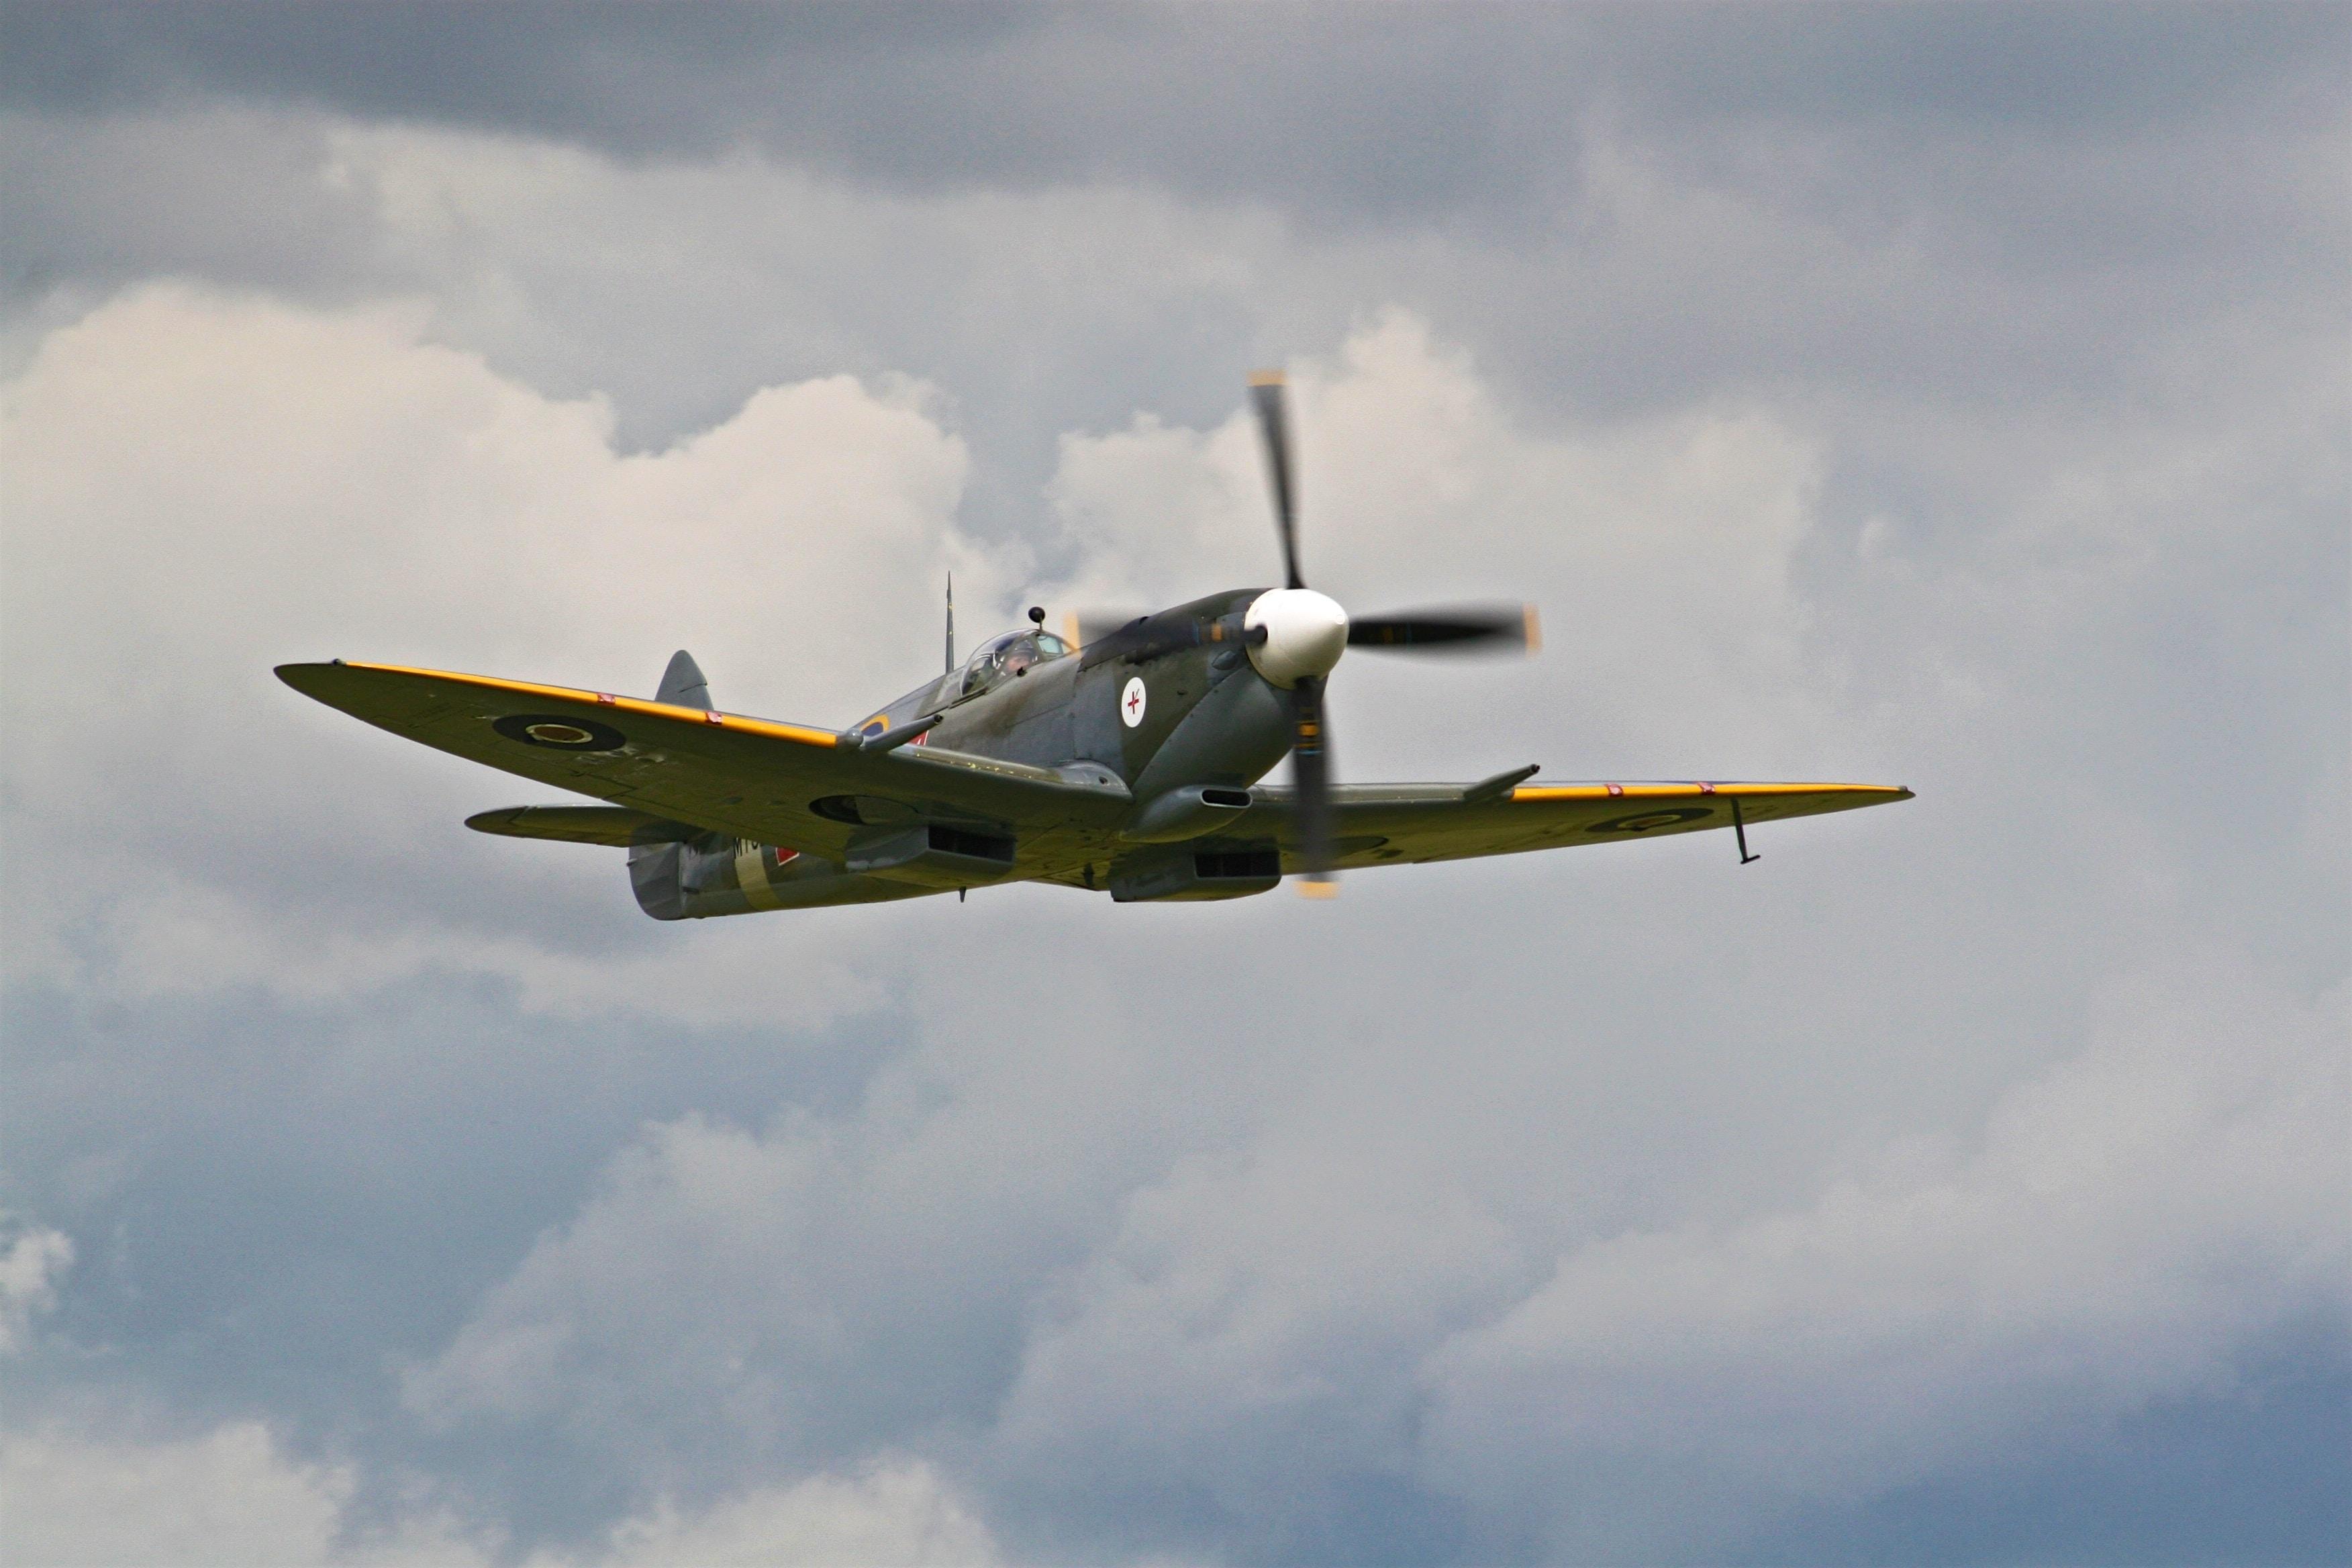 A vintage propeller plane flying in cloudy skies.